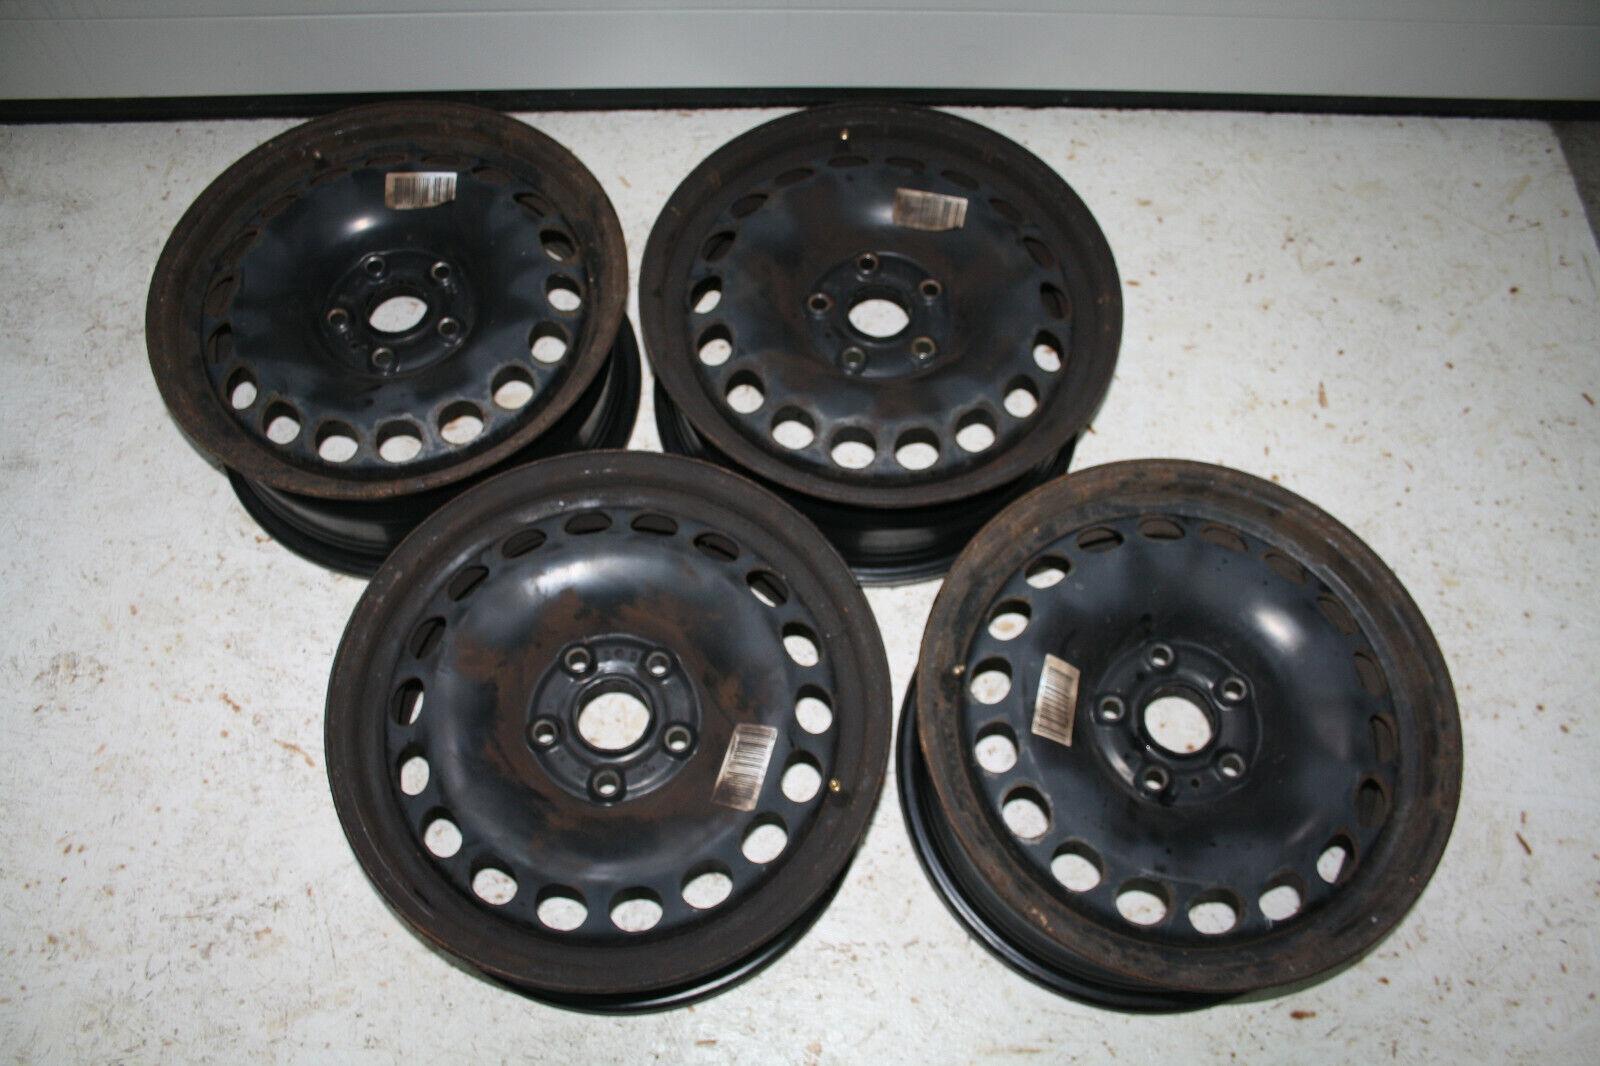 Eos 6,5Jx16 ET42 Neu 8425 4 Stahlfelgen Felgen VW Passat 3C Scirocco